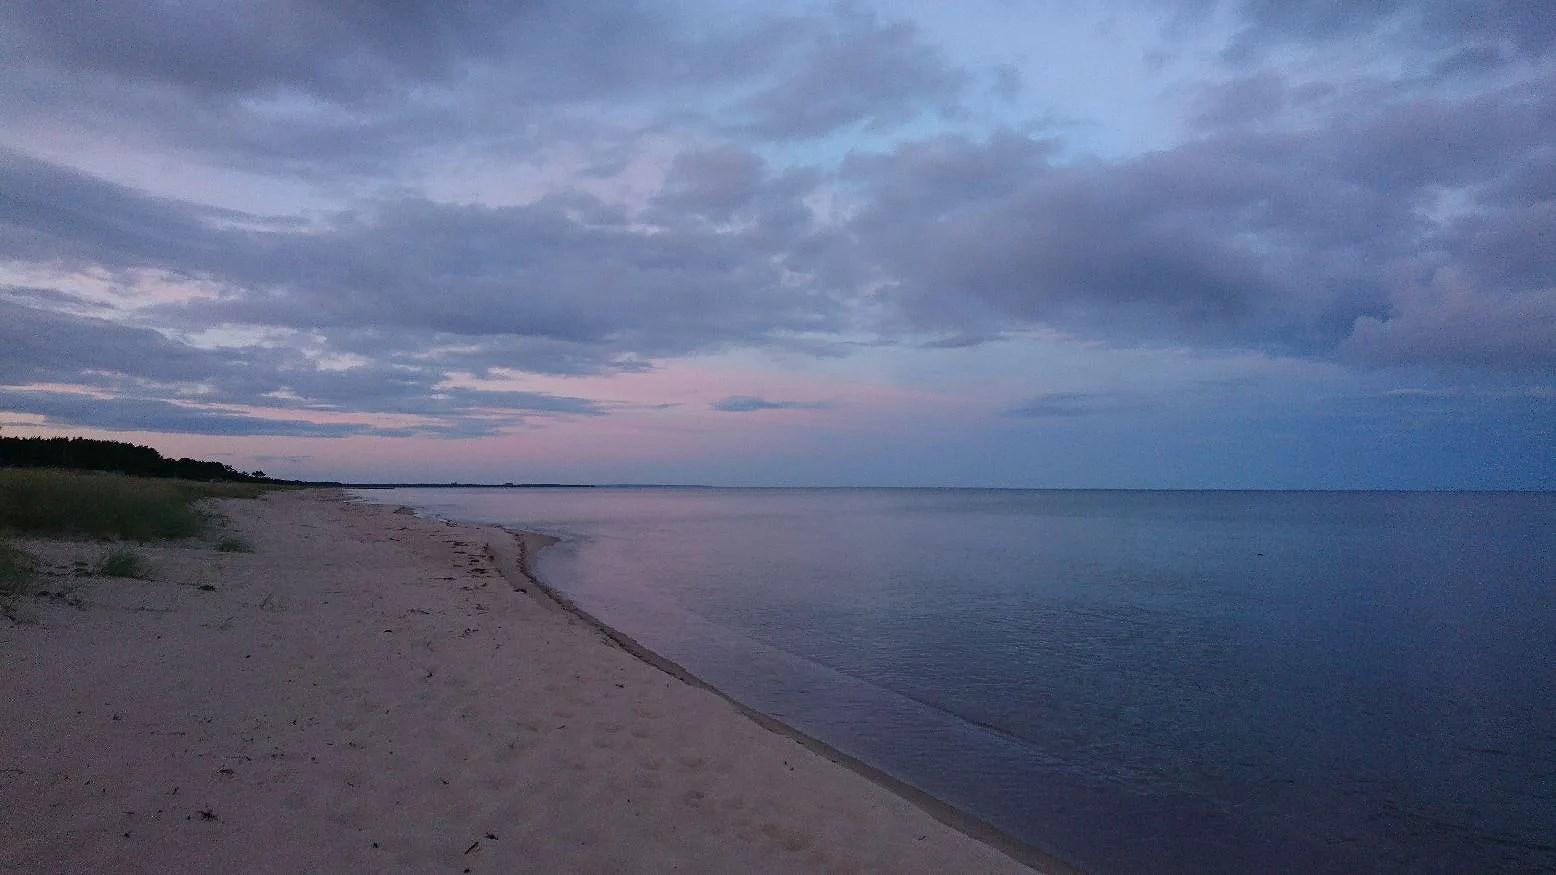 Stranden igår, mormor idag